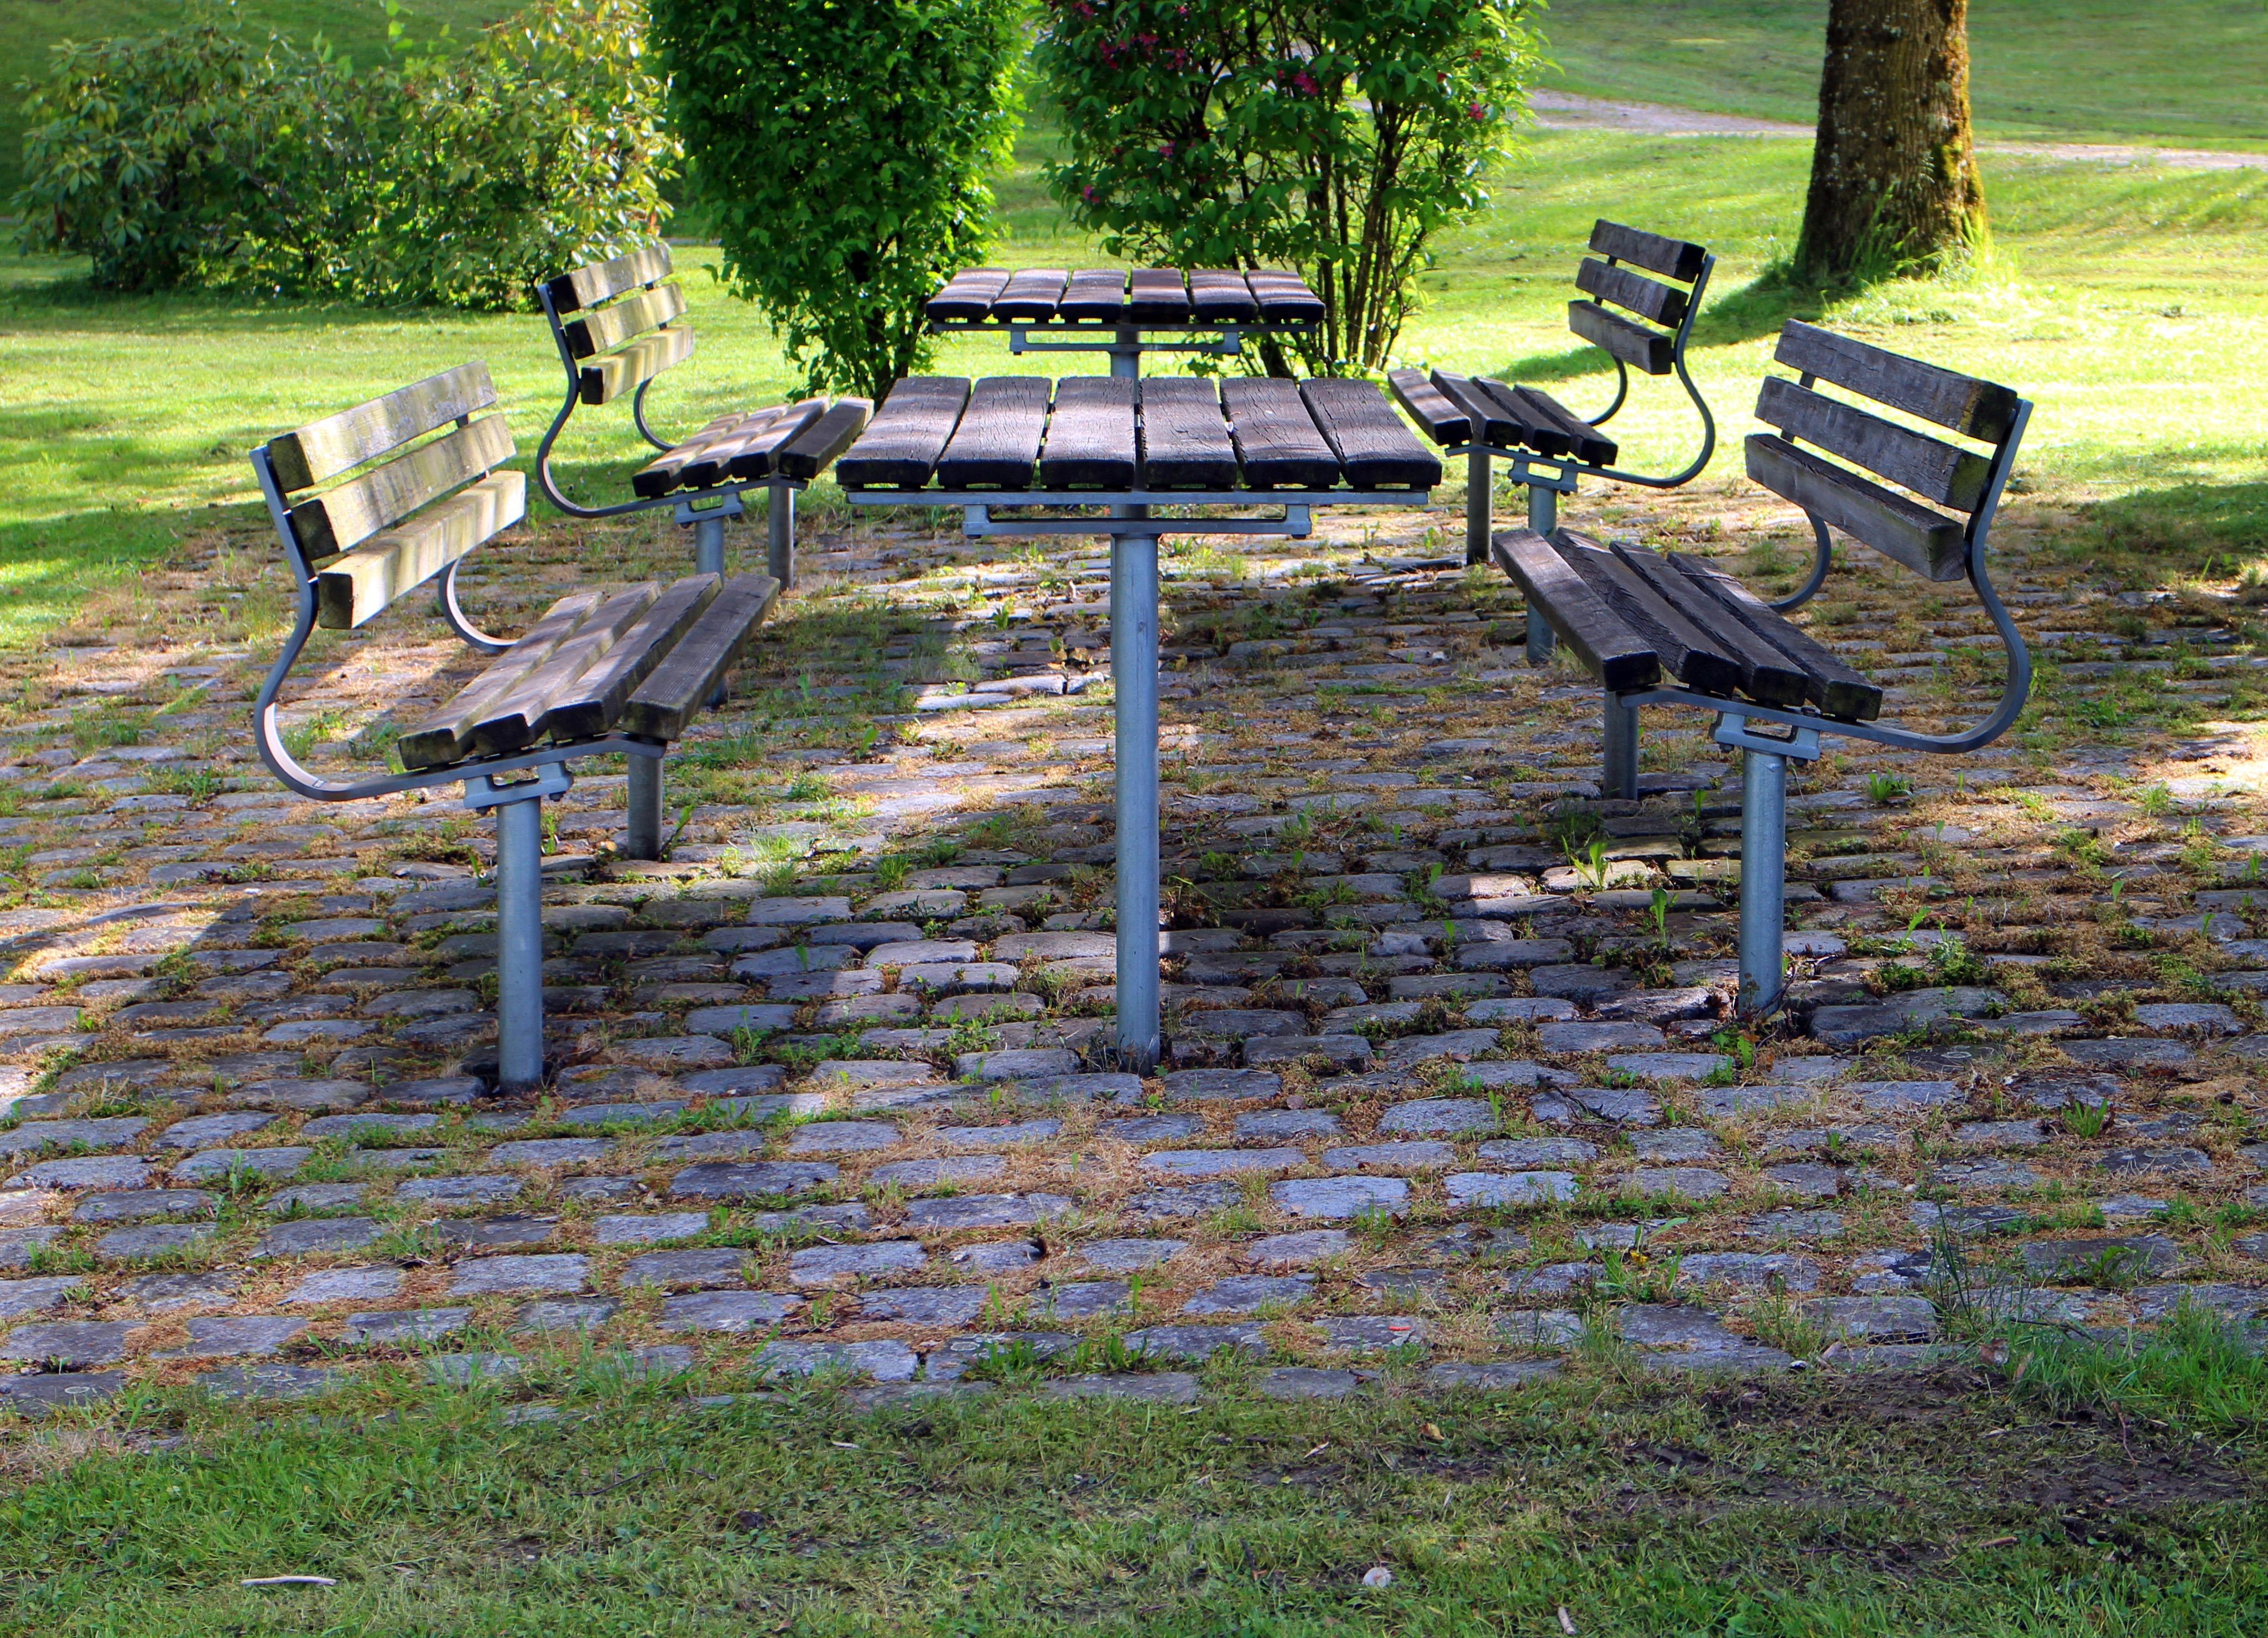 Fotos gratis : mesa, árbol, césped, banco, asiento, parque, patio ...